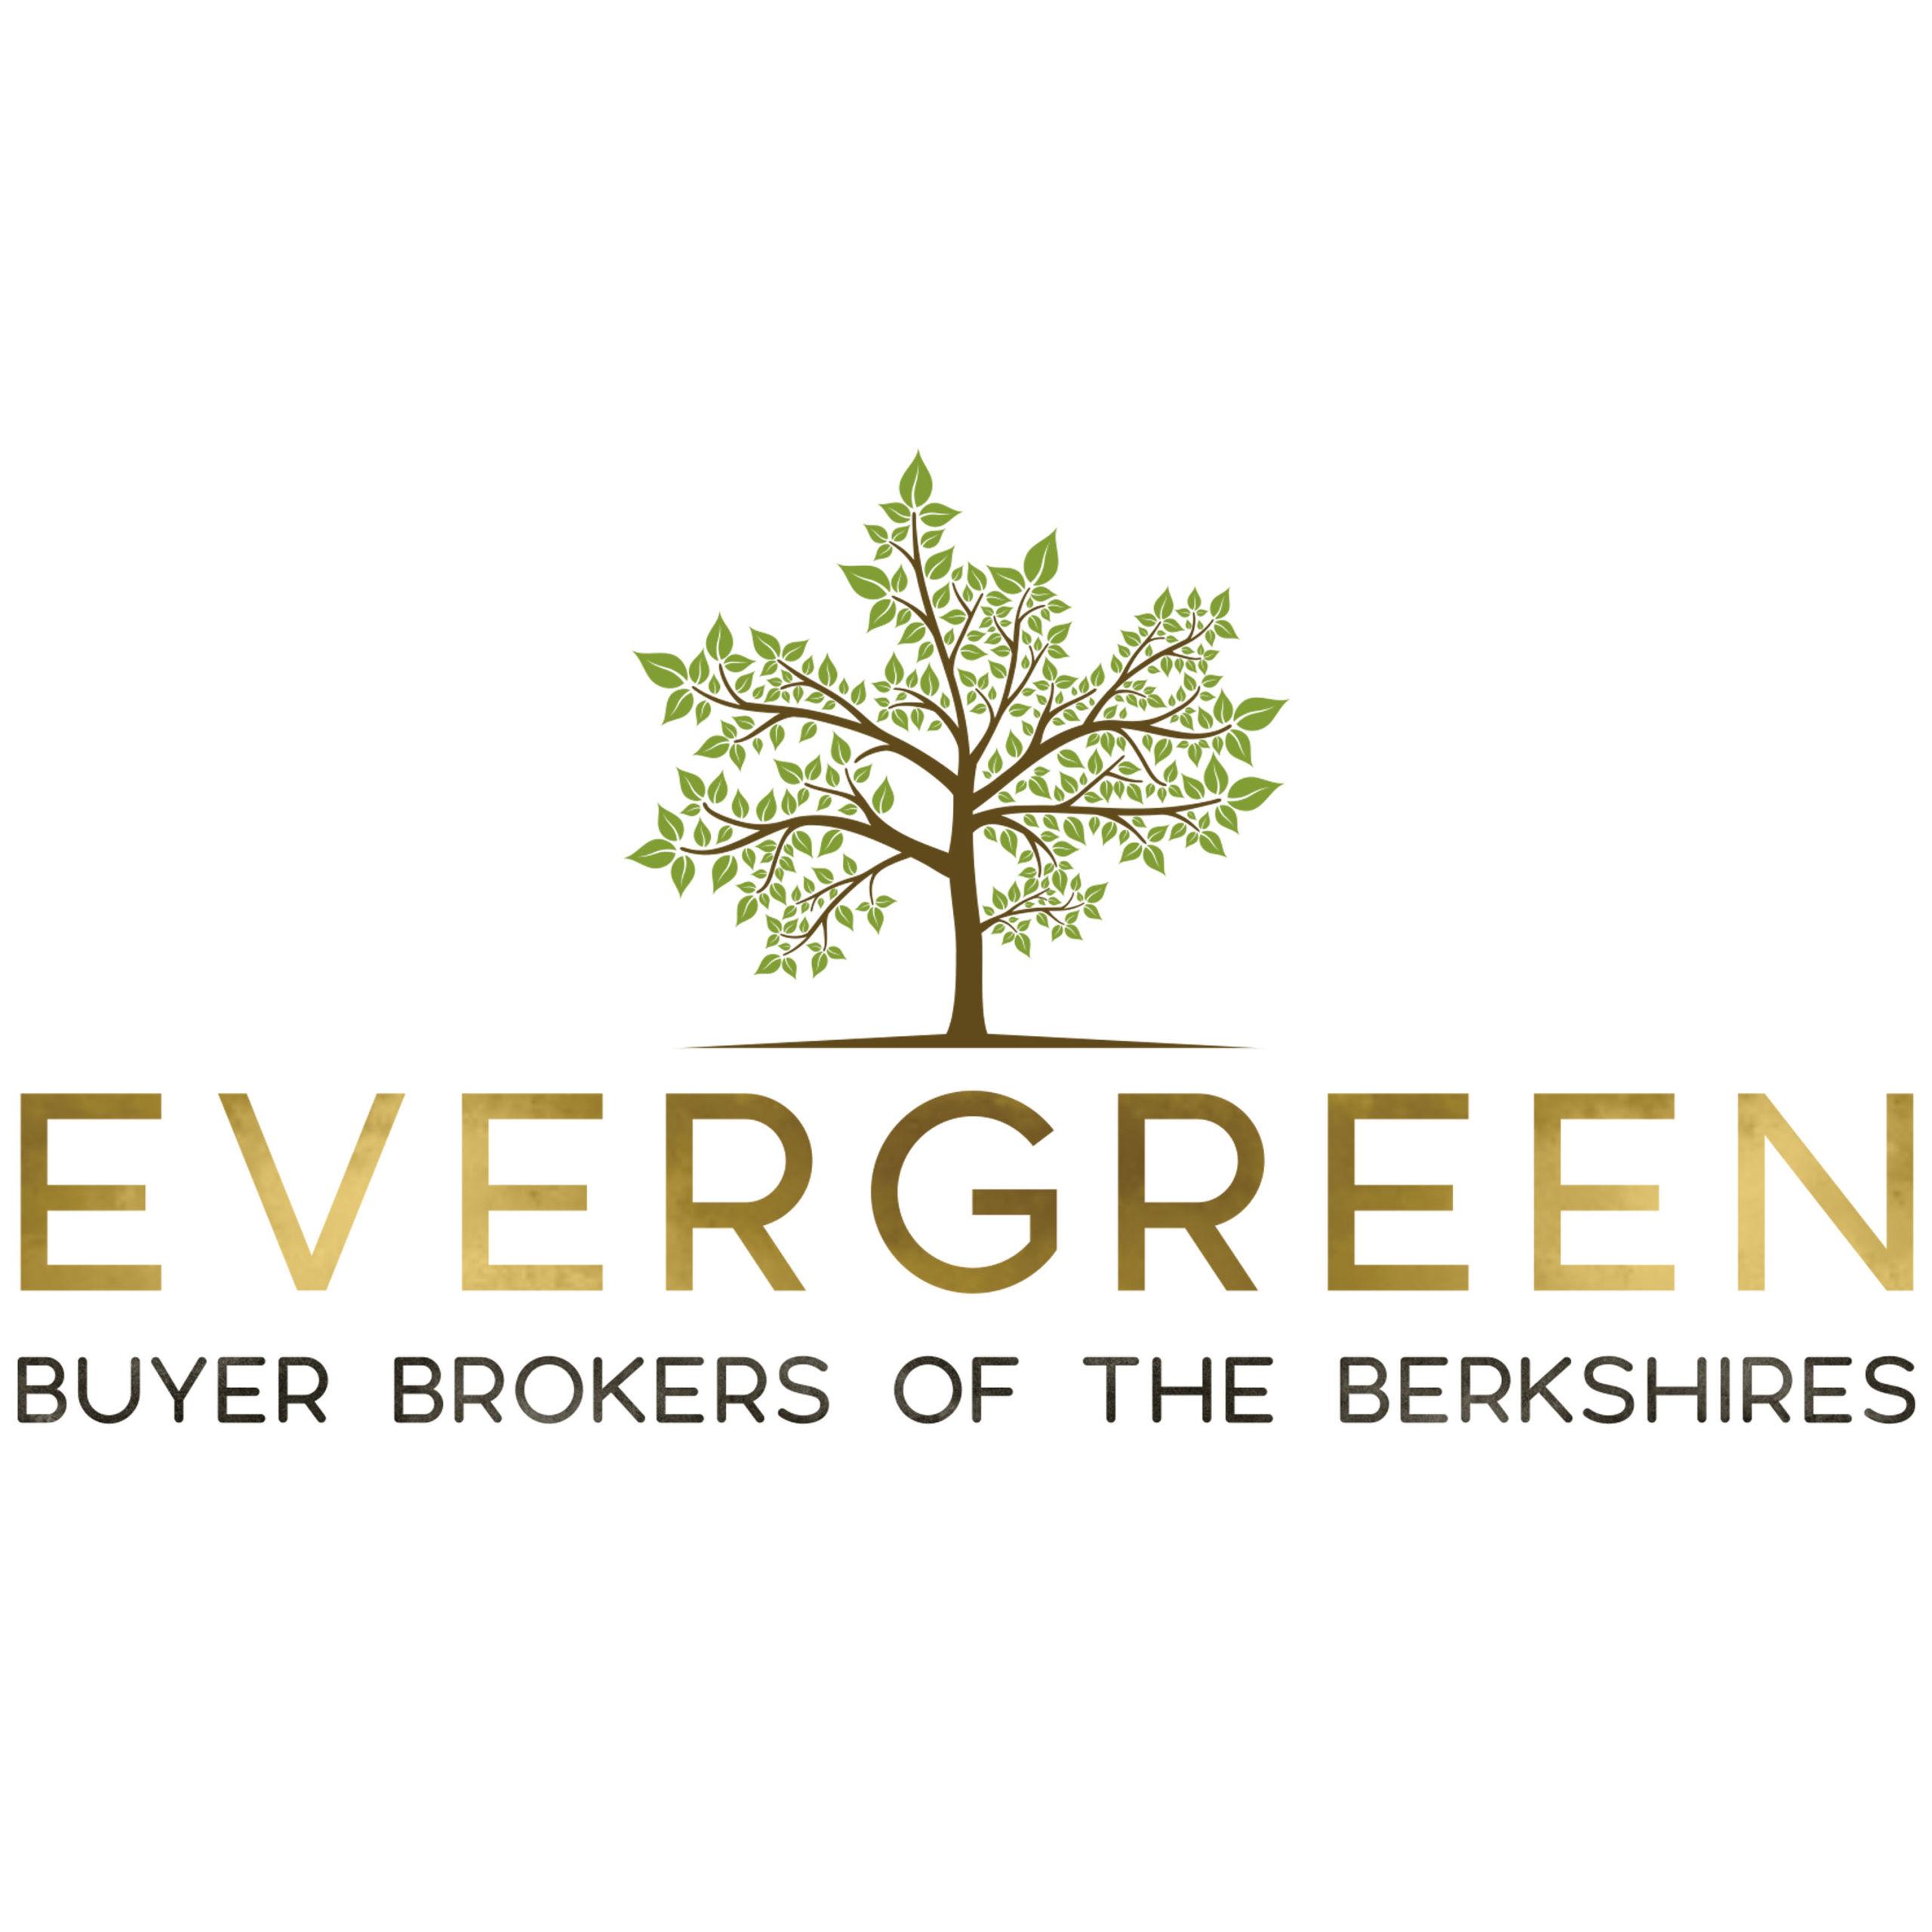 Exclusive Buyer Brokers